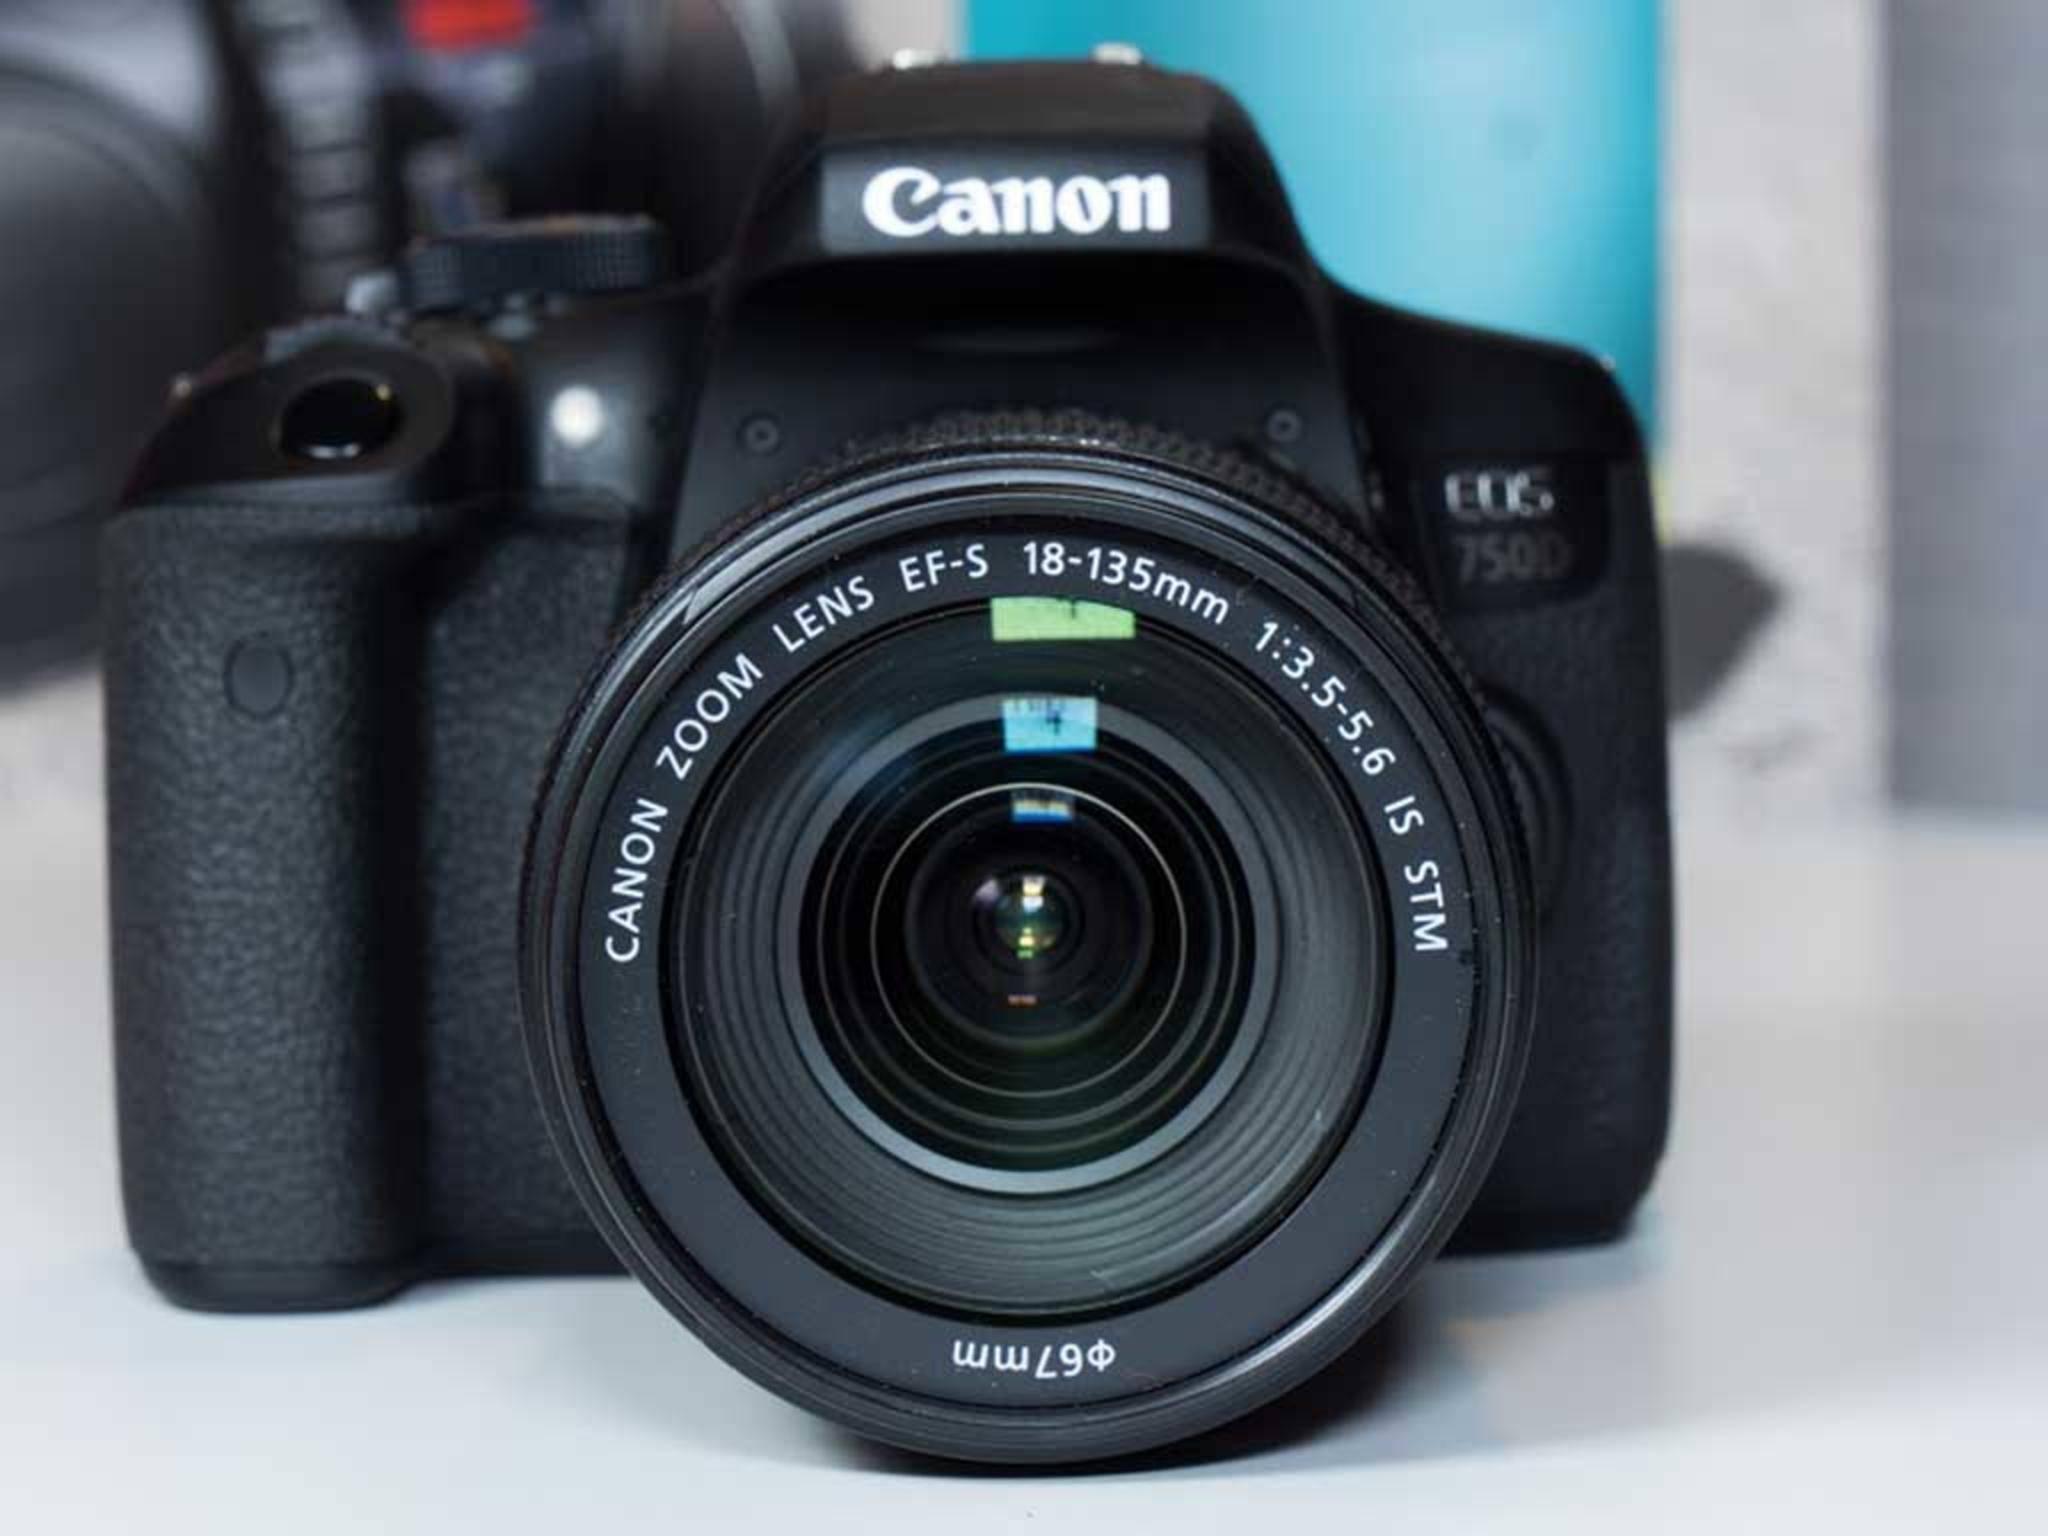 Die Canon EOS 750D: eine kompakte und solide Spiegelreflexkamera.